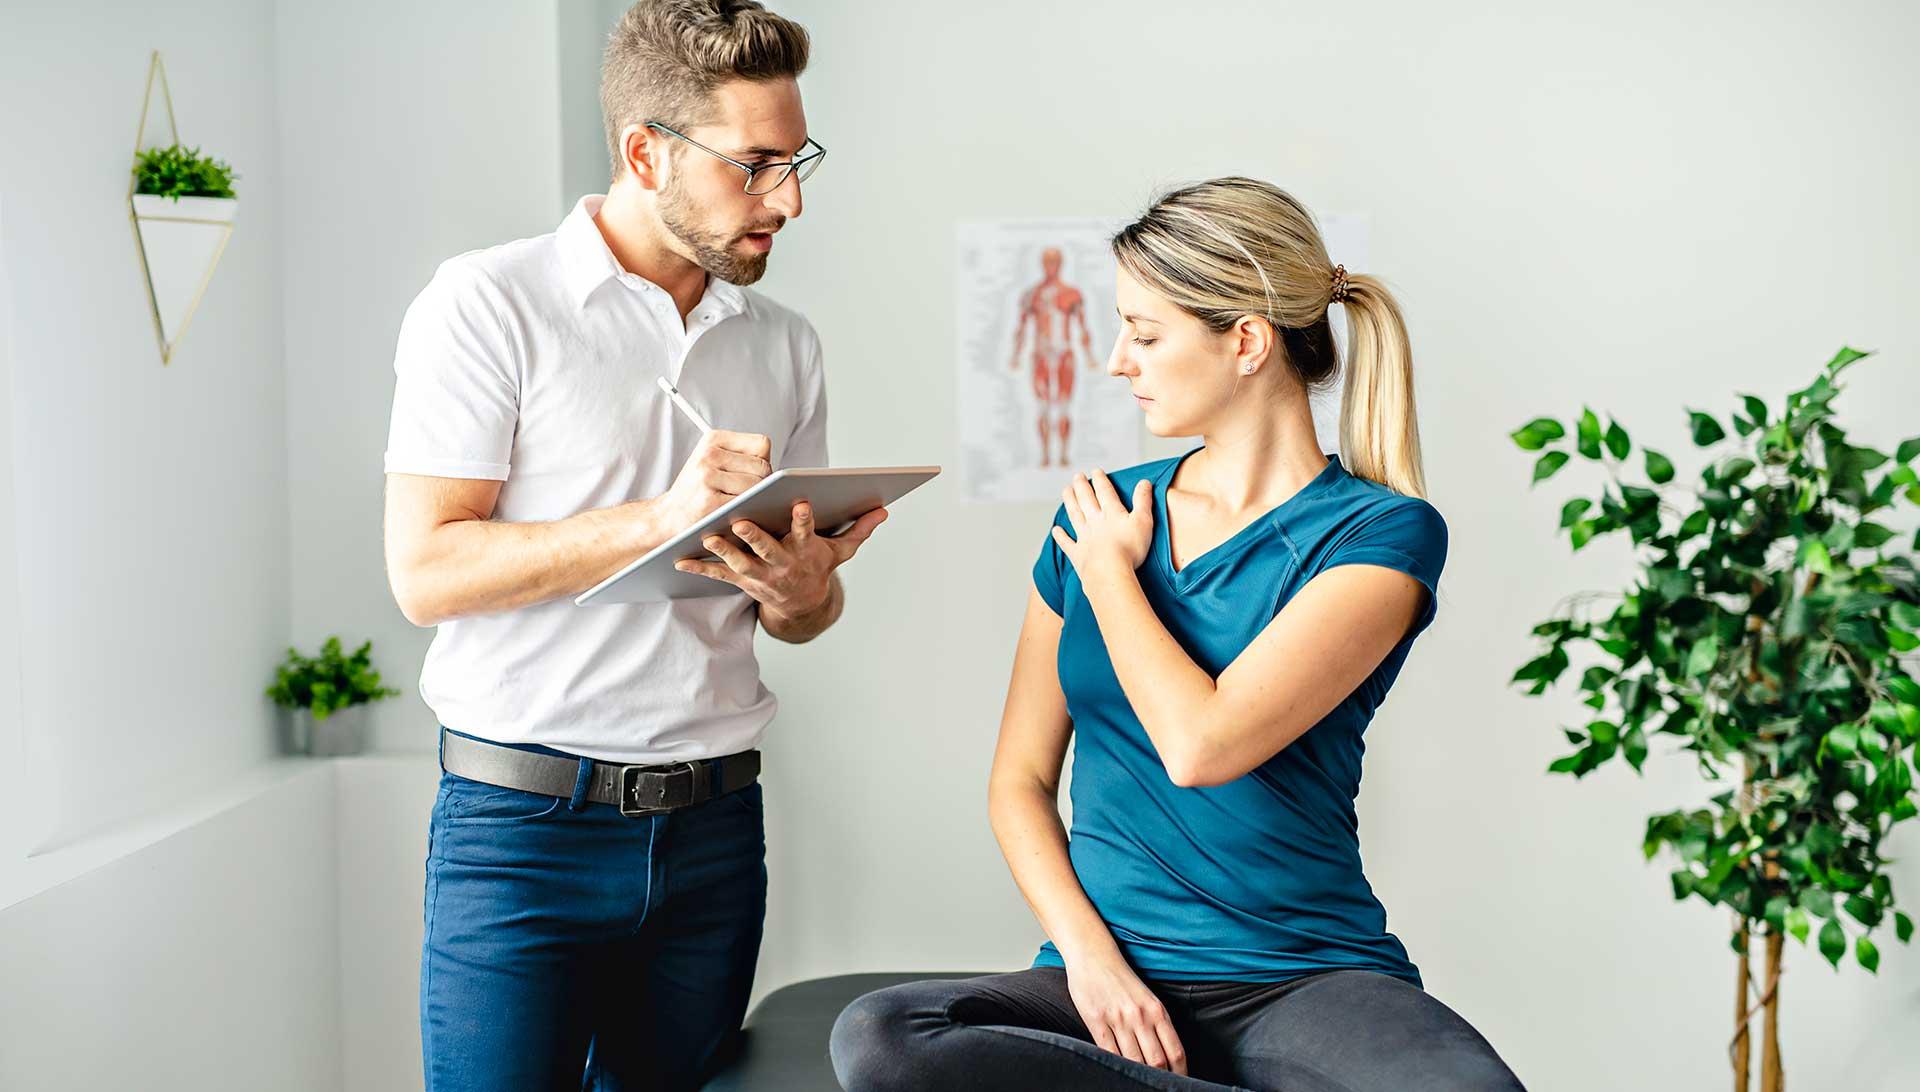 ChiroCliniqueZenith-tarifs-services chiropratiques-premier rendez vous